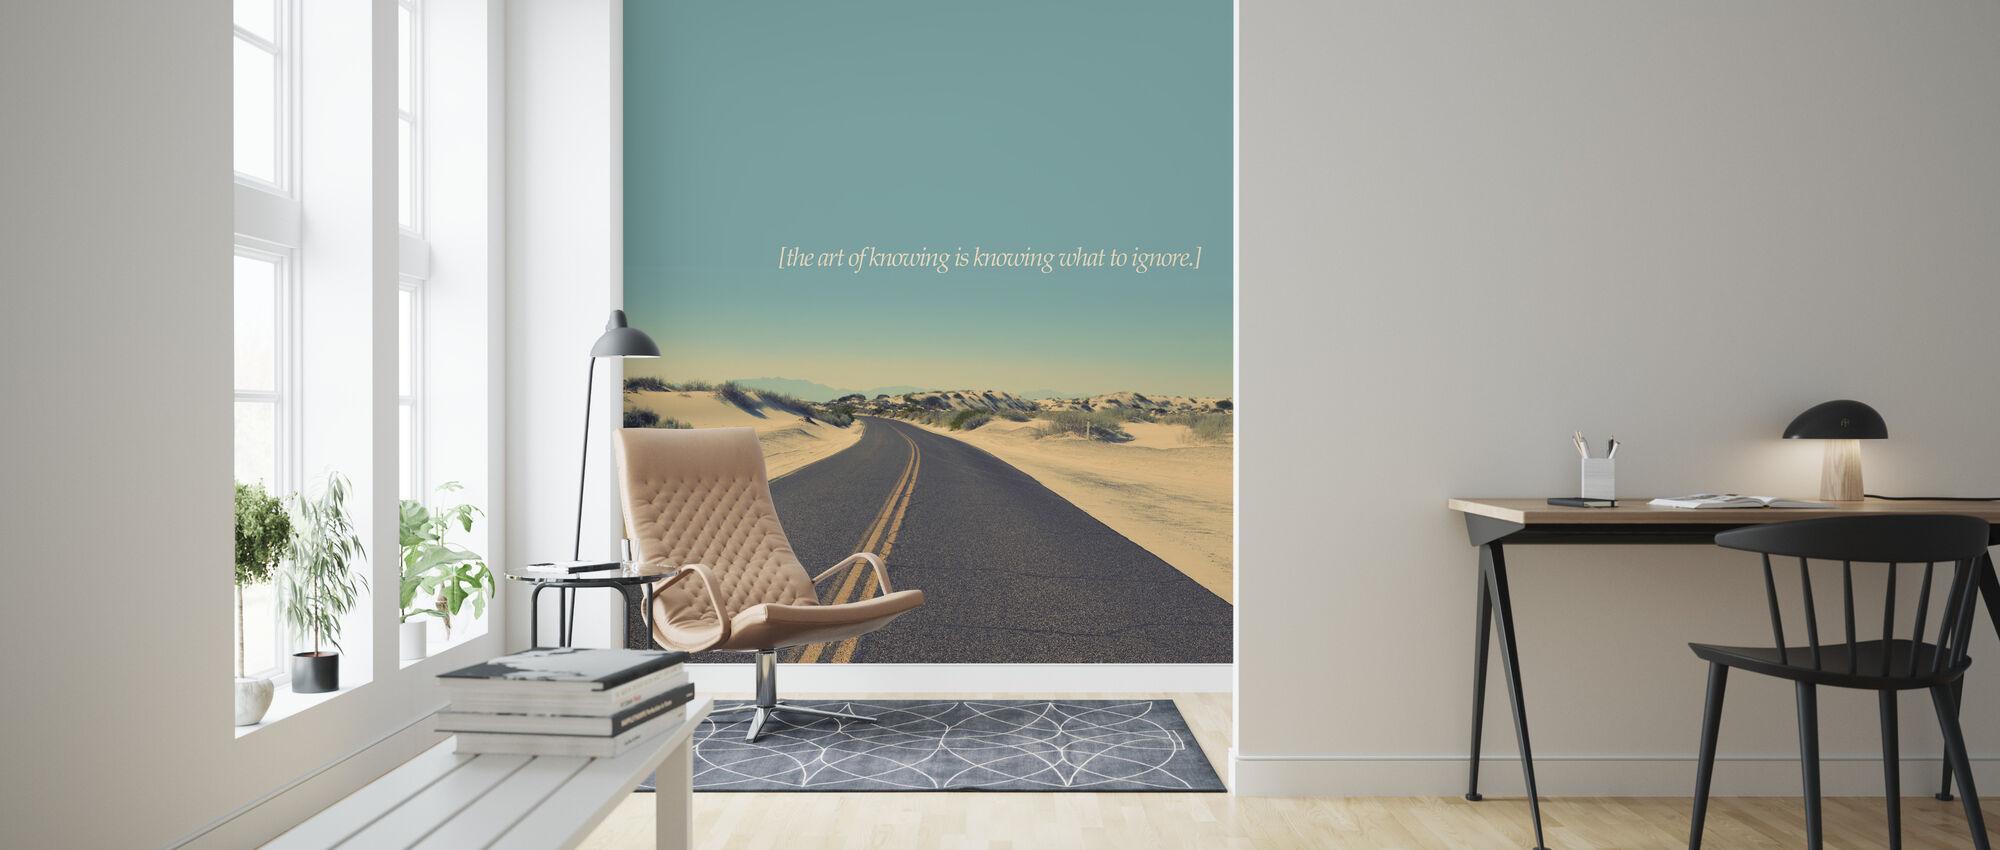 De kunst van het weten - Behang - Woonkamer